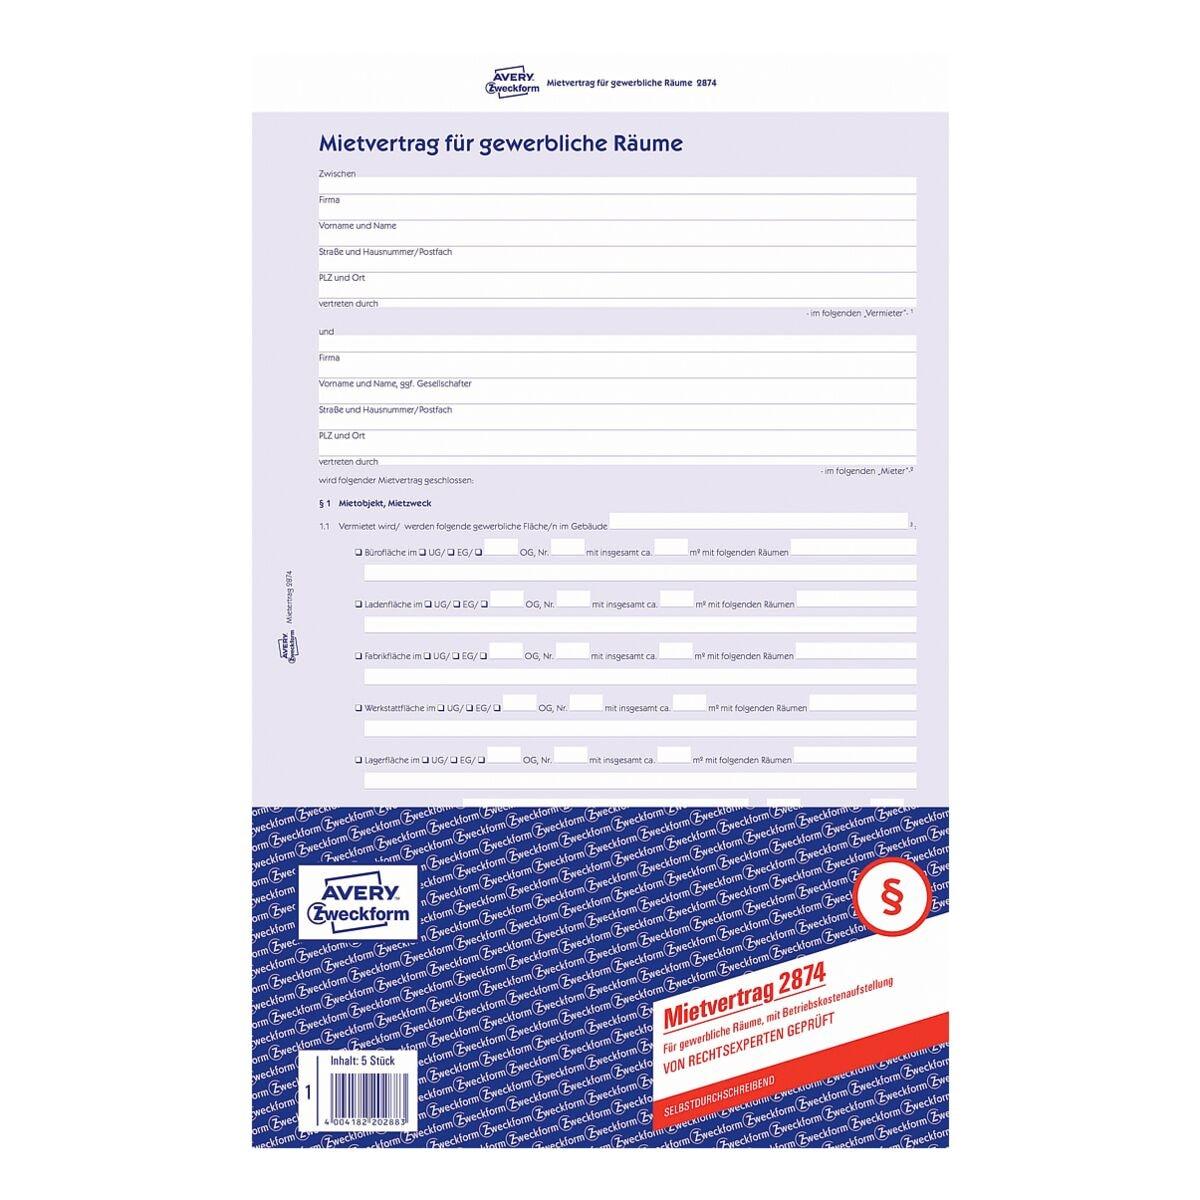 Avery Zweckform Formularvordruck »Mietvertrag für gewerbliche Räume, mit Betriebskostenaufstellung«